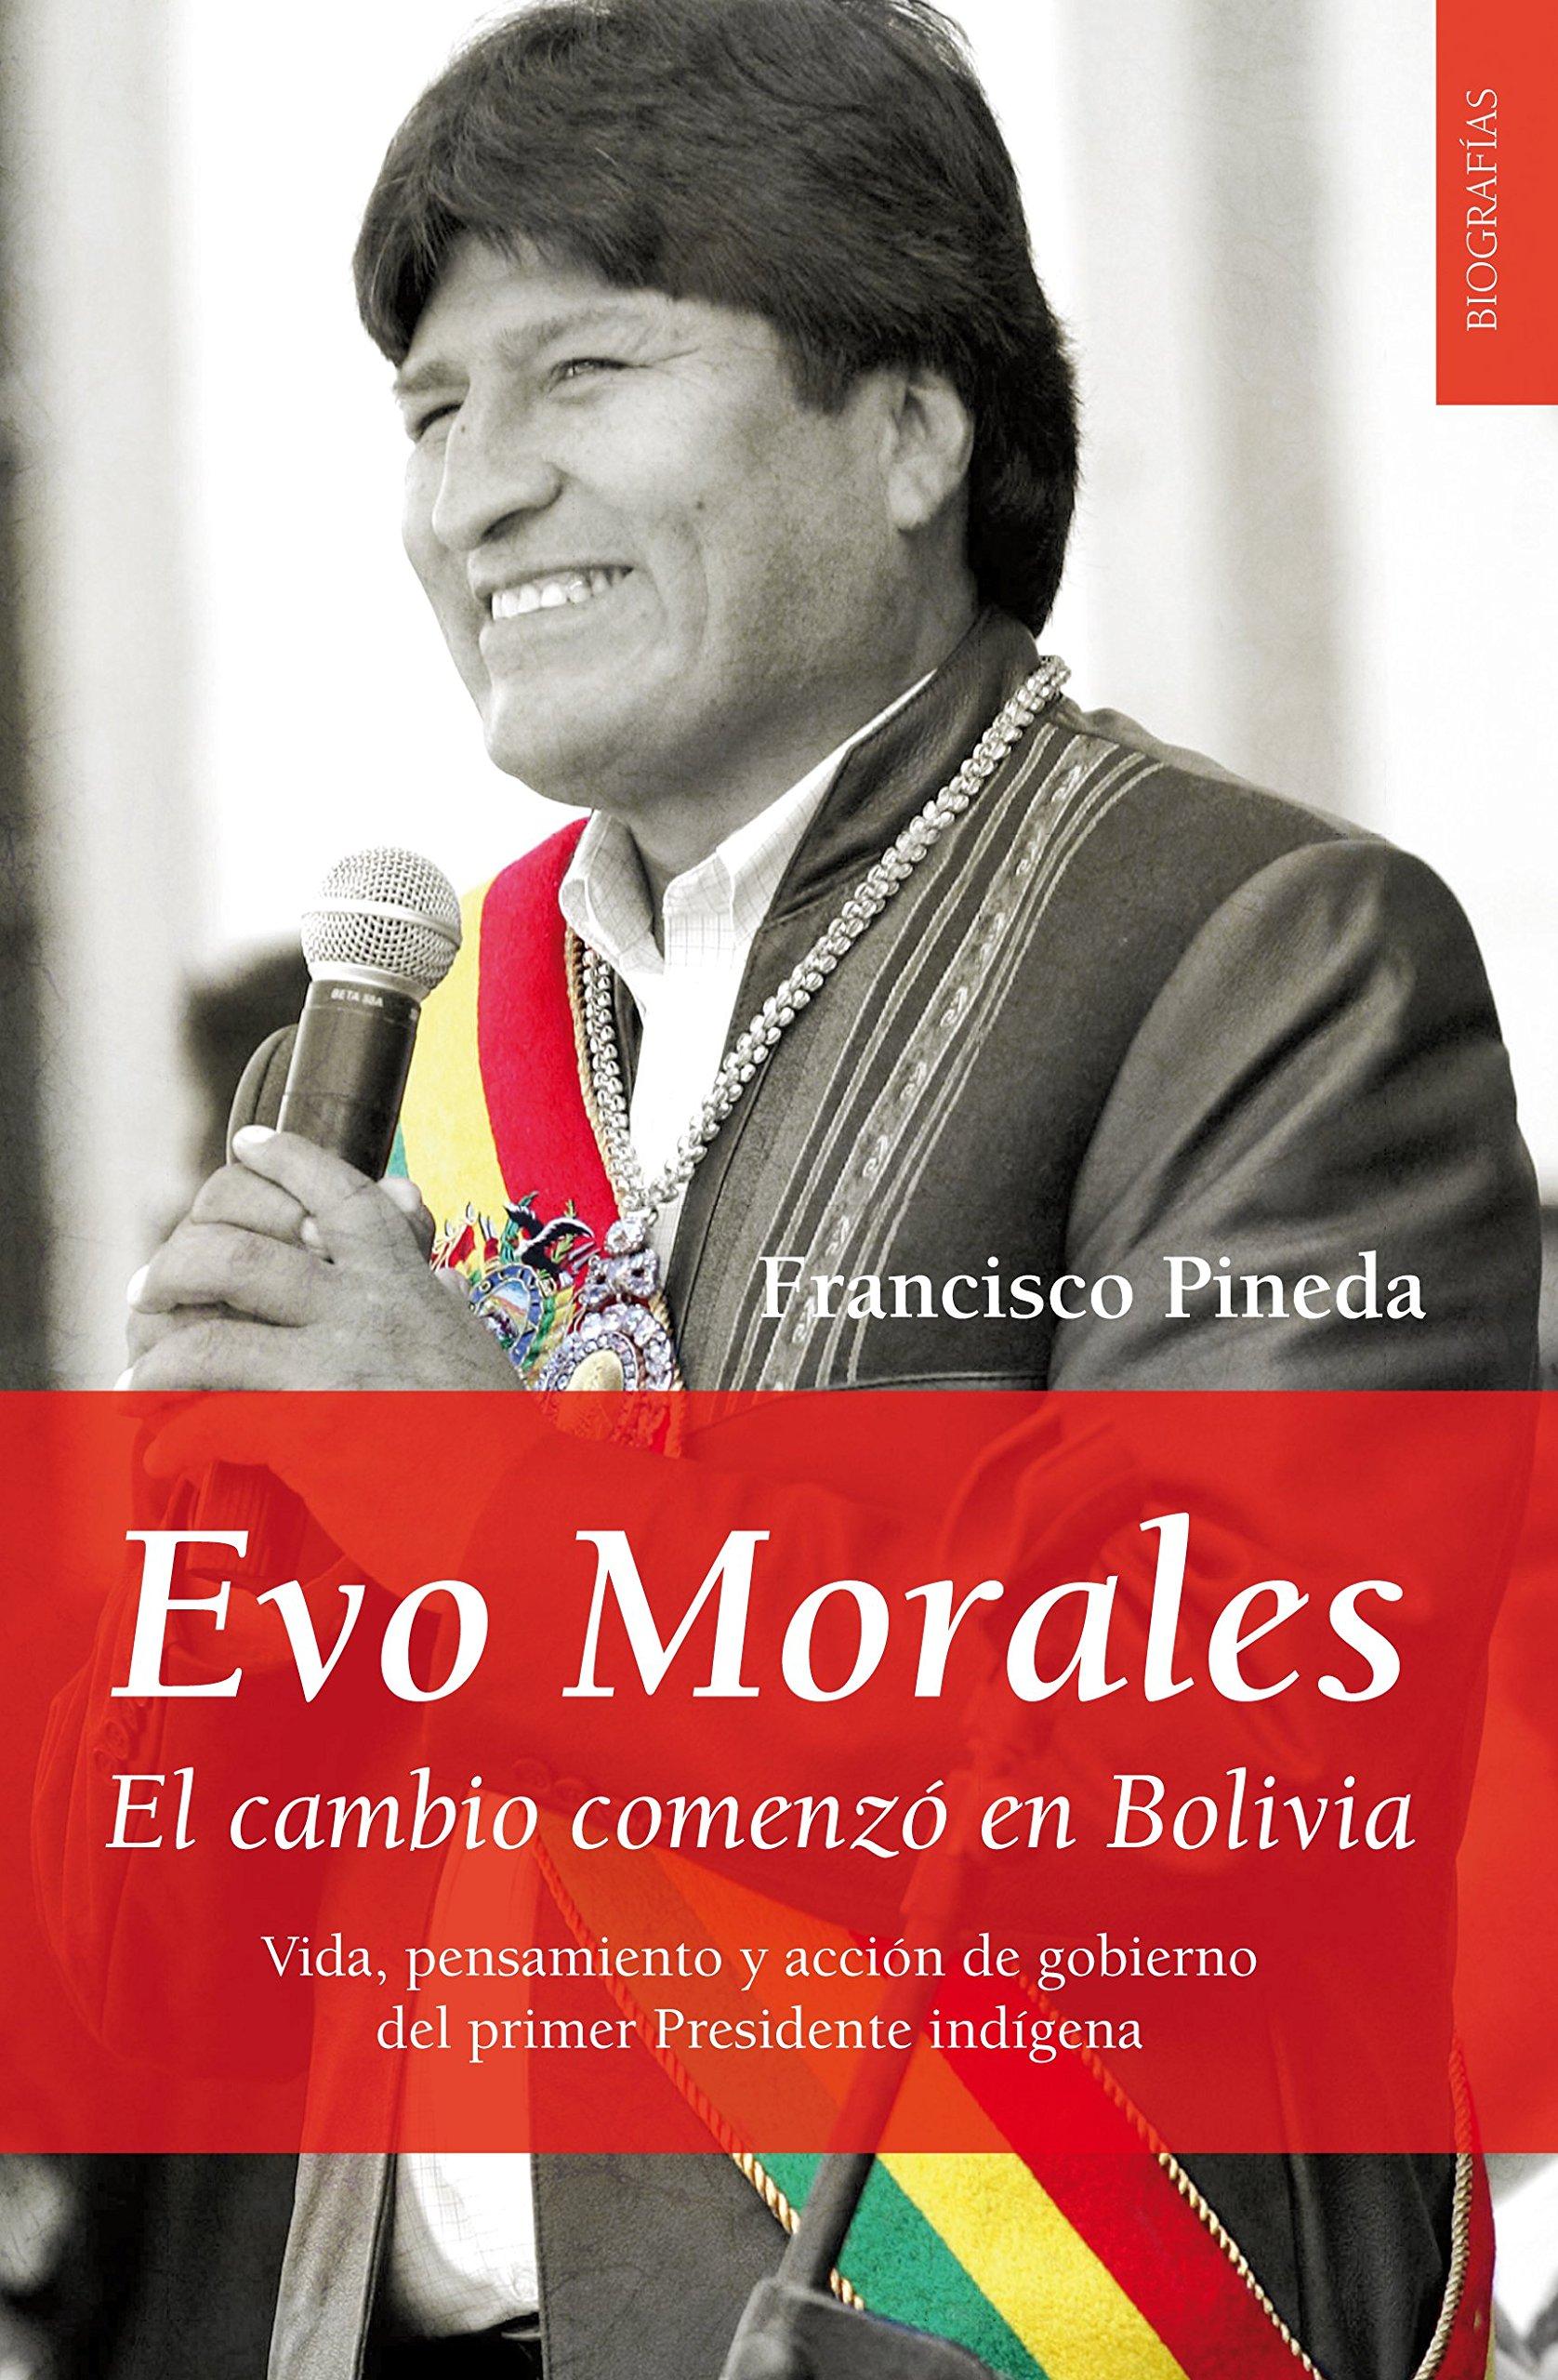 Evo Morales: El cambio comenzó en Bolivia: Amazon.es: Francisco Pineda Zamorano: Libros